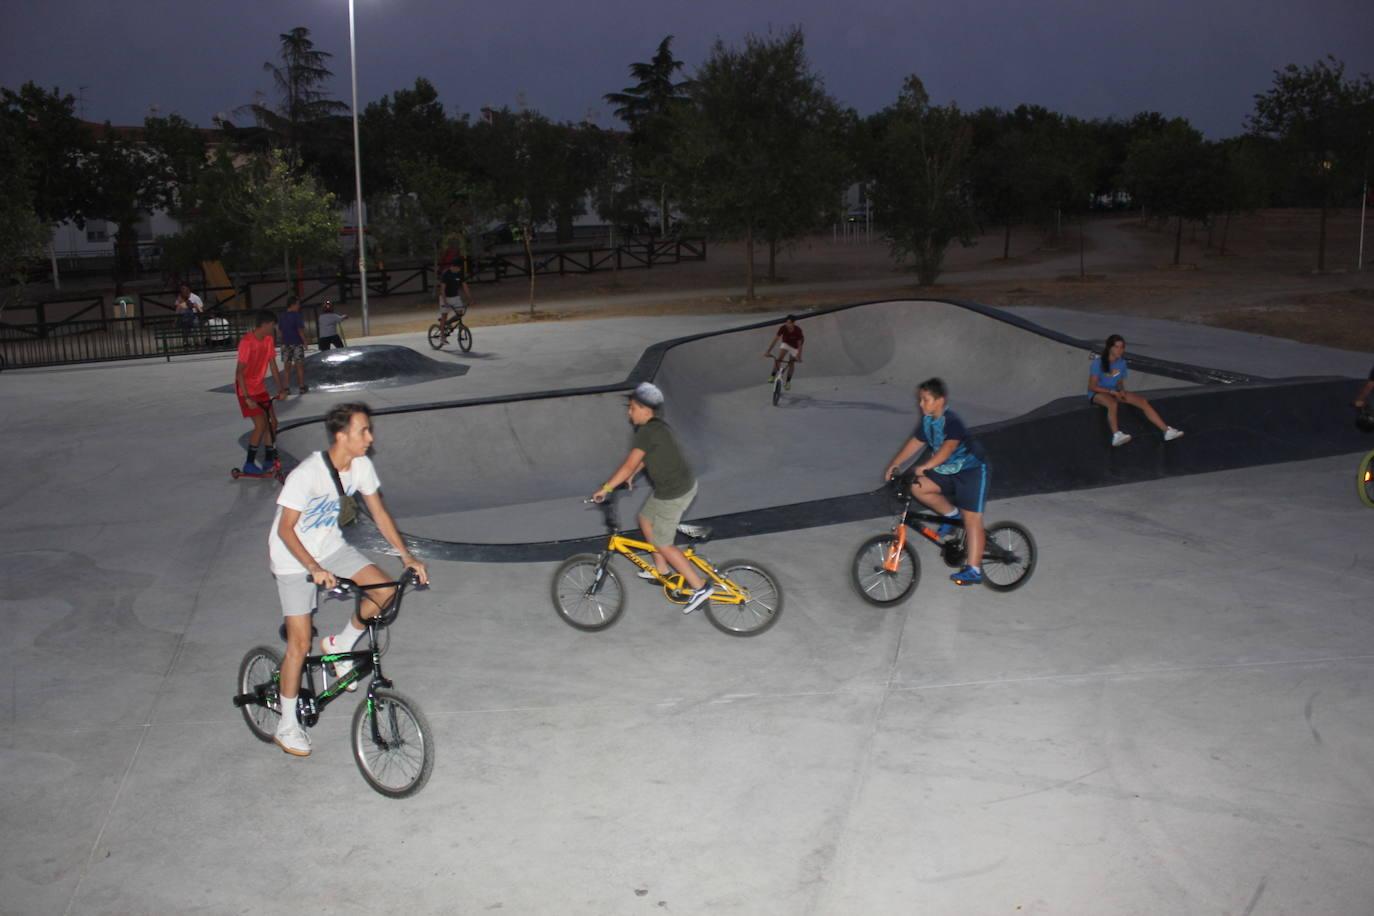 Practicar skate está de moda en Casar de Cáceres